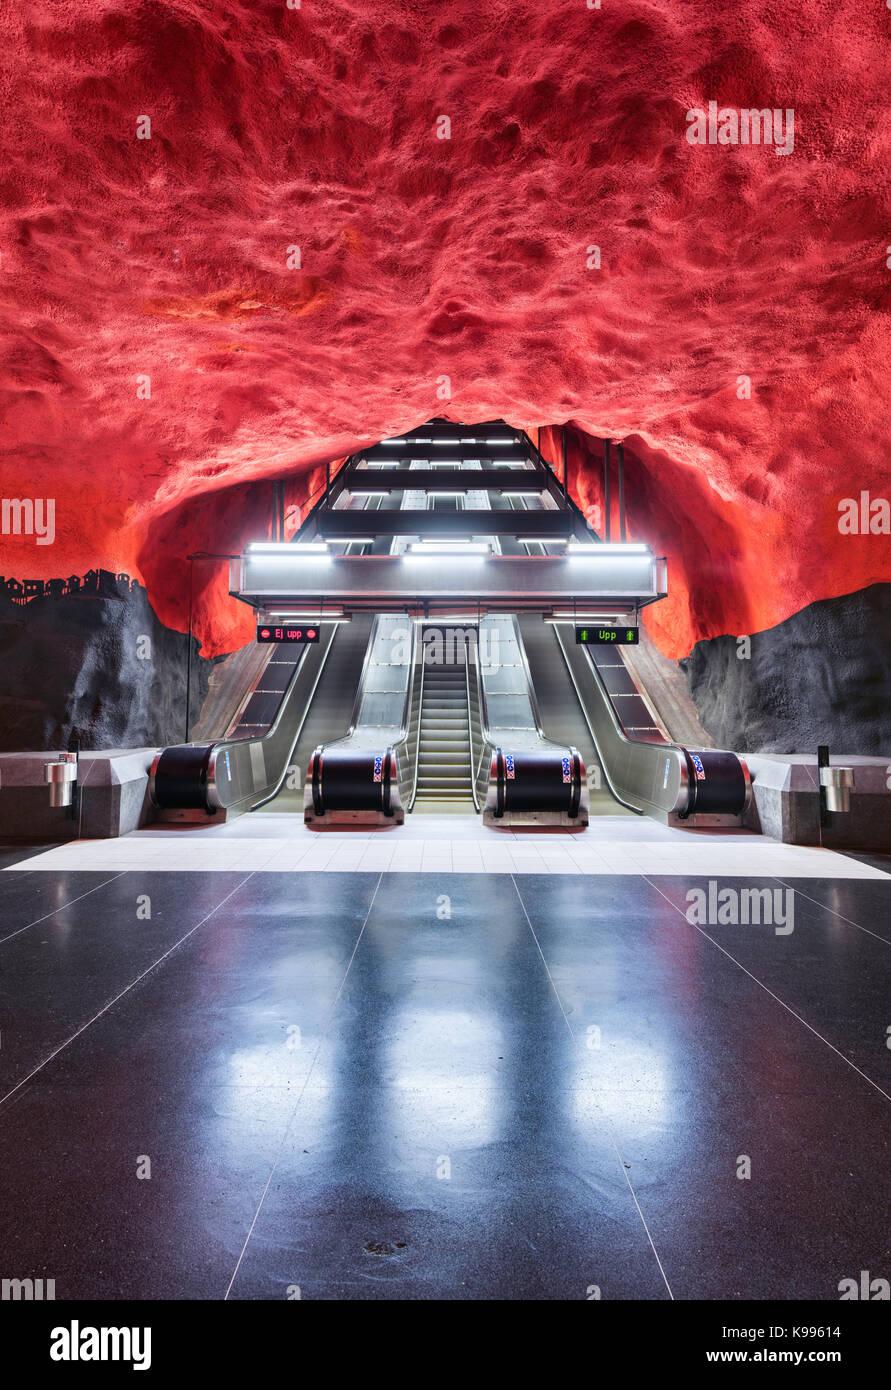 Solna Centrum stazione della metropolitana di Stoccolma, o T-Bana, in Svezia. La metropolitana di Stoccolma è Immagini Stock